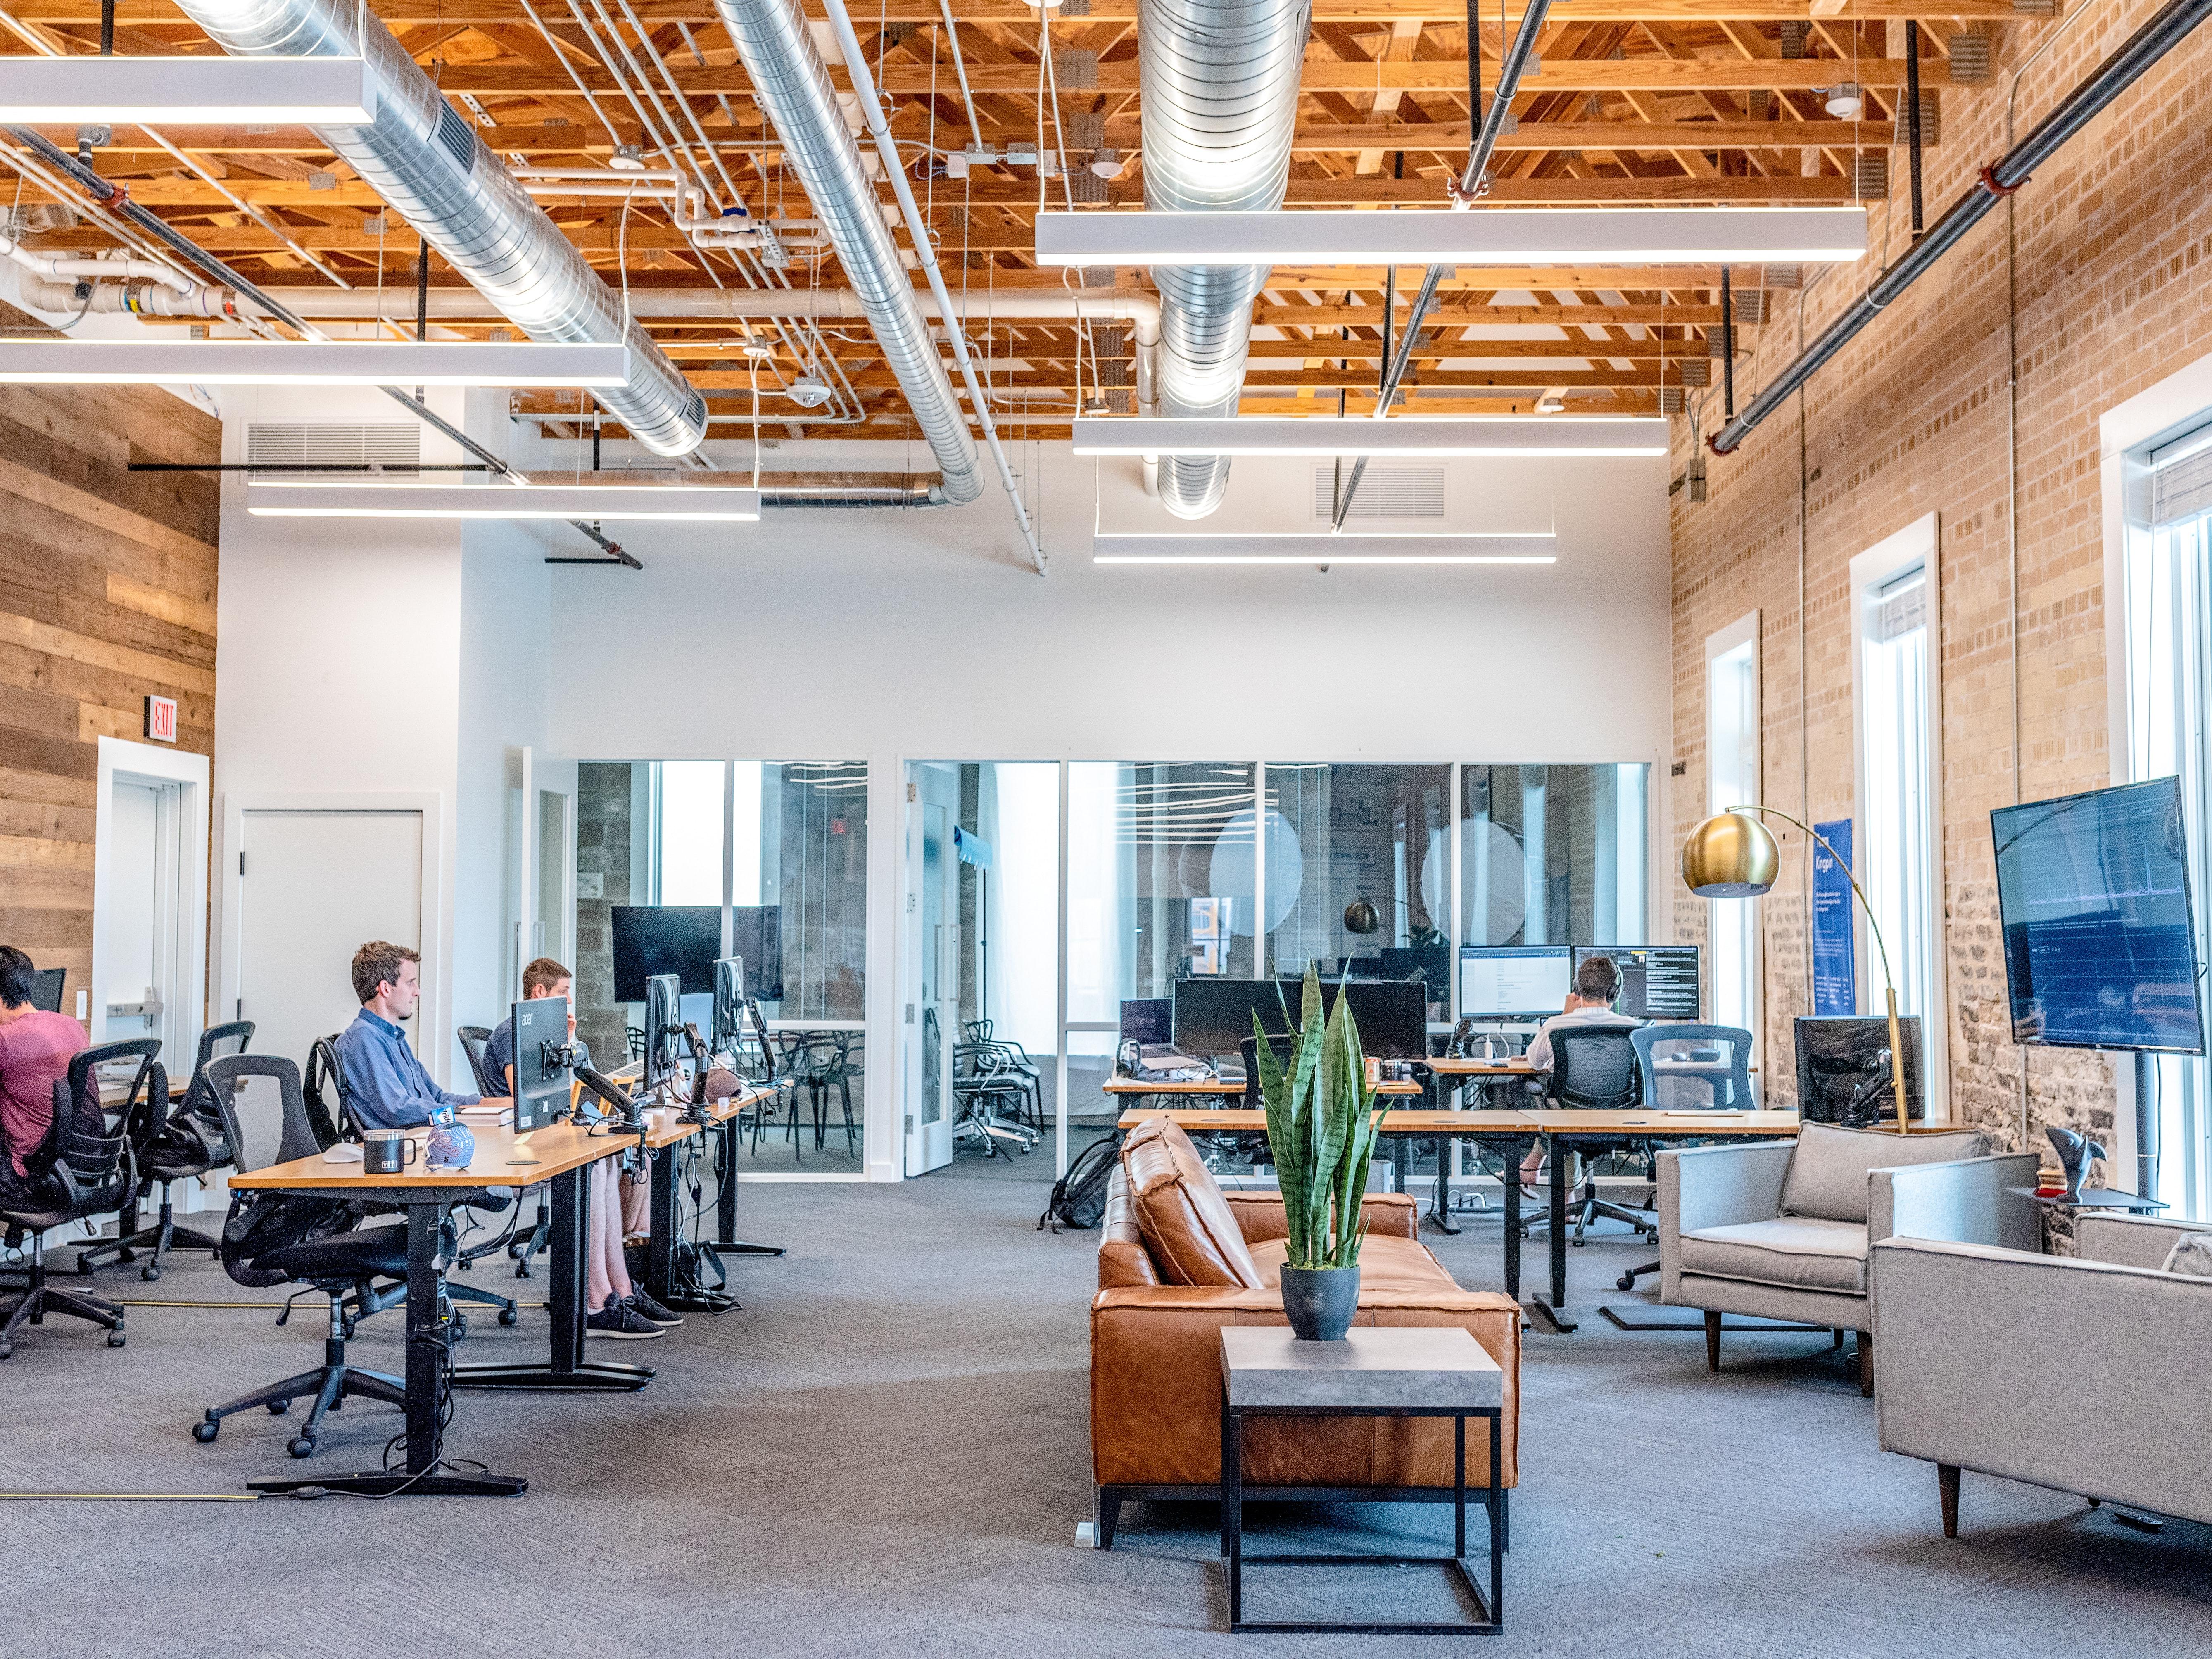 Comment travailler efficacement dans un espace de coworking ?